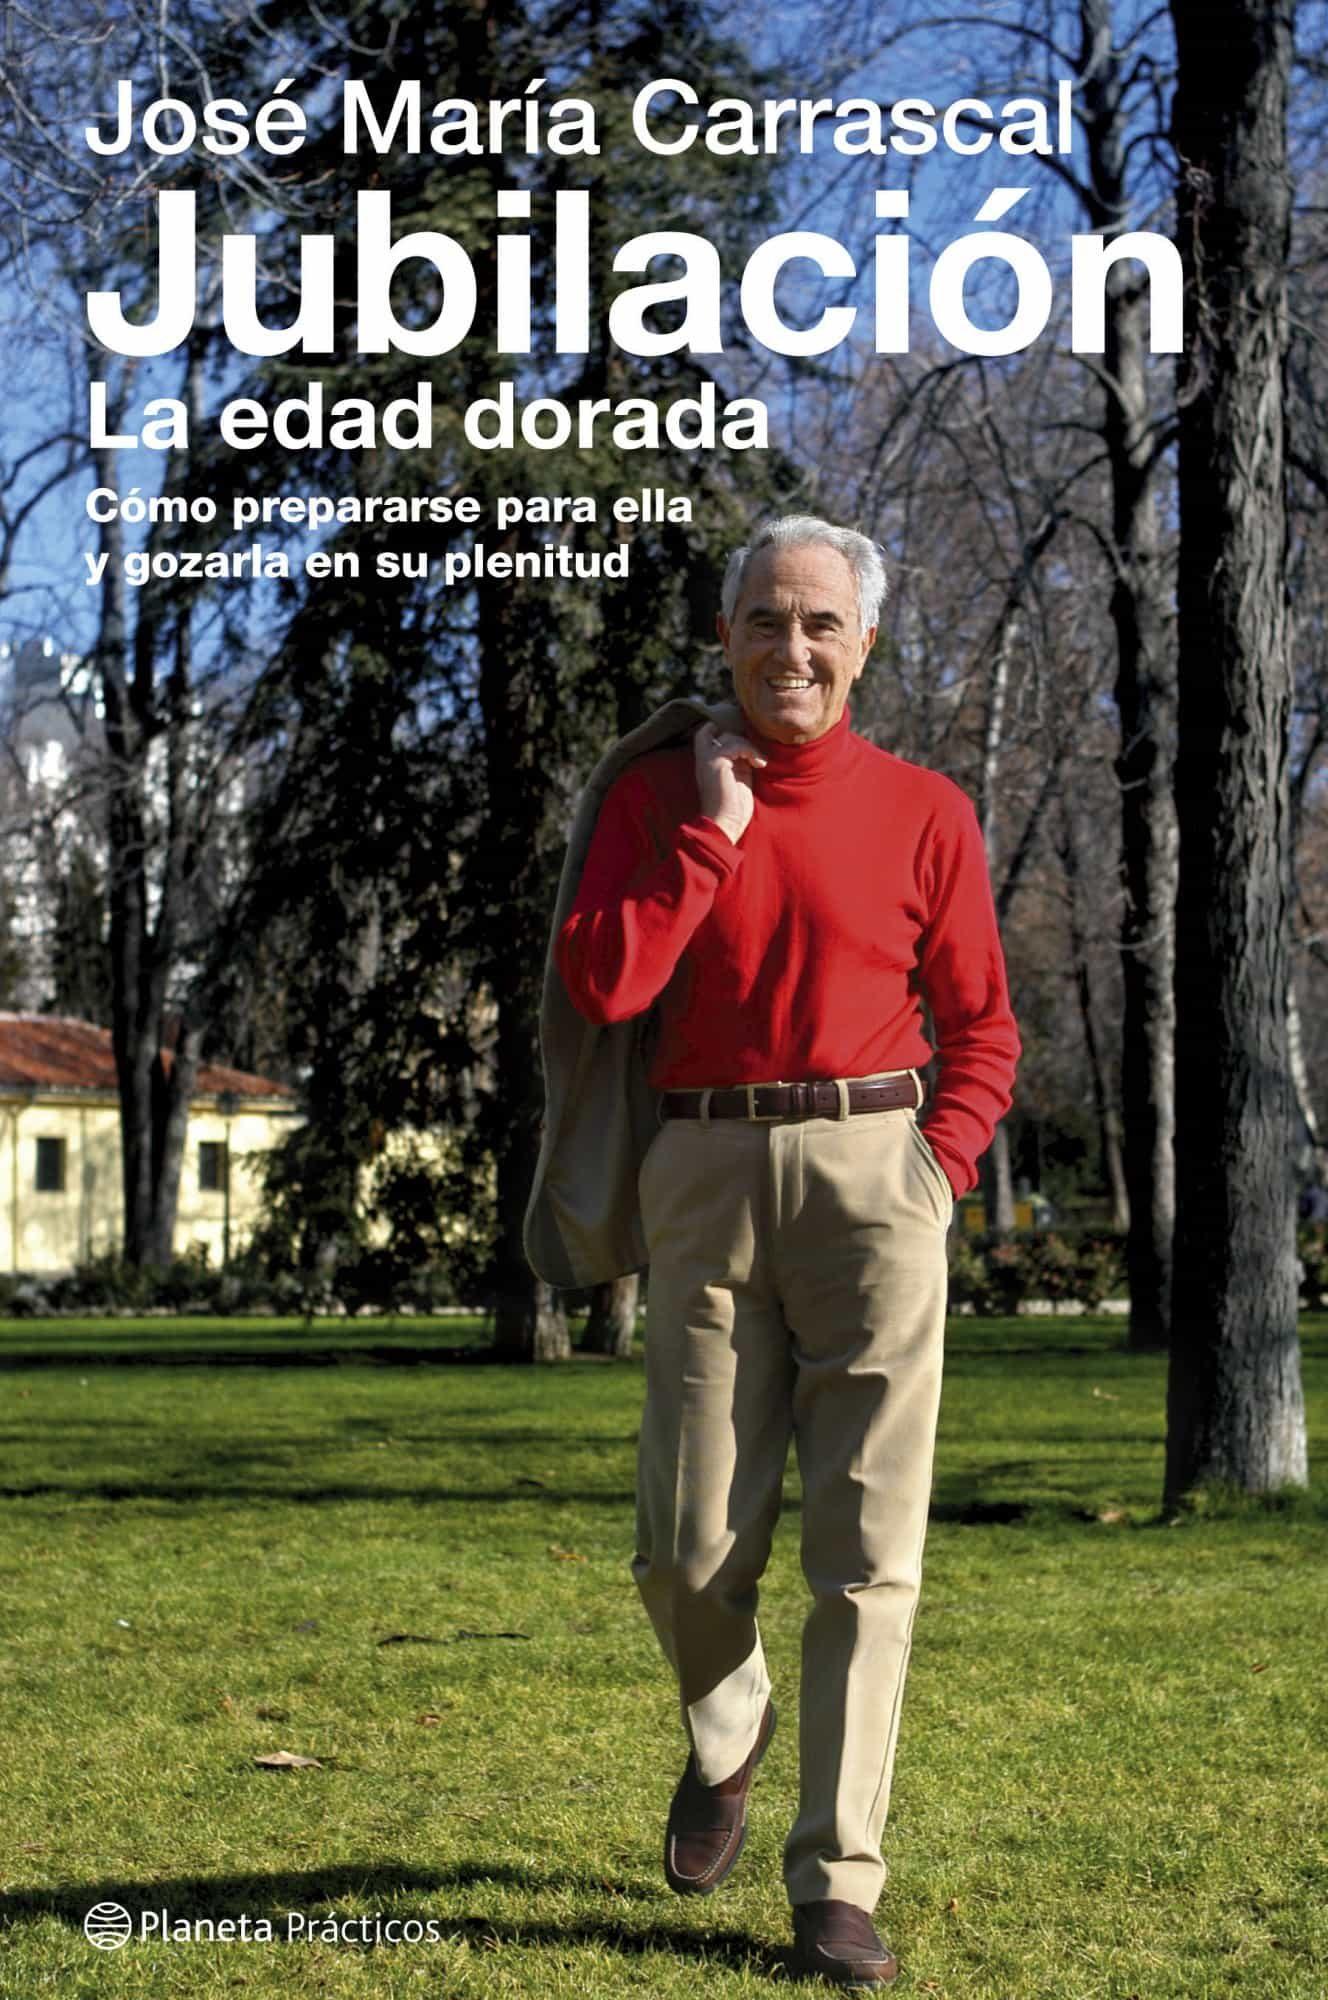 Jubilacion: La Edad Dorada por Jose Maria Carrascal Gratis